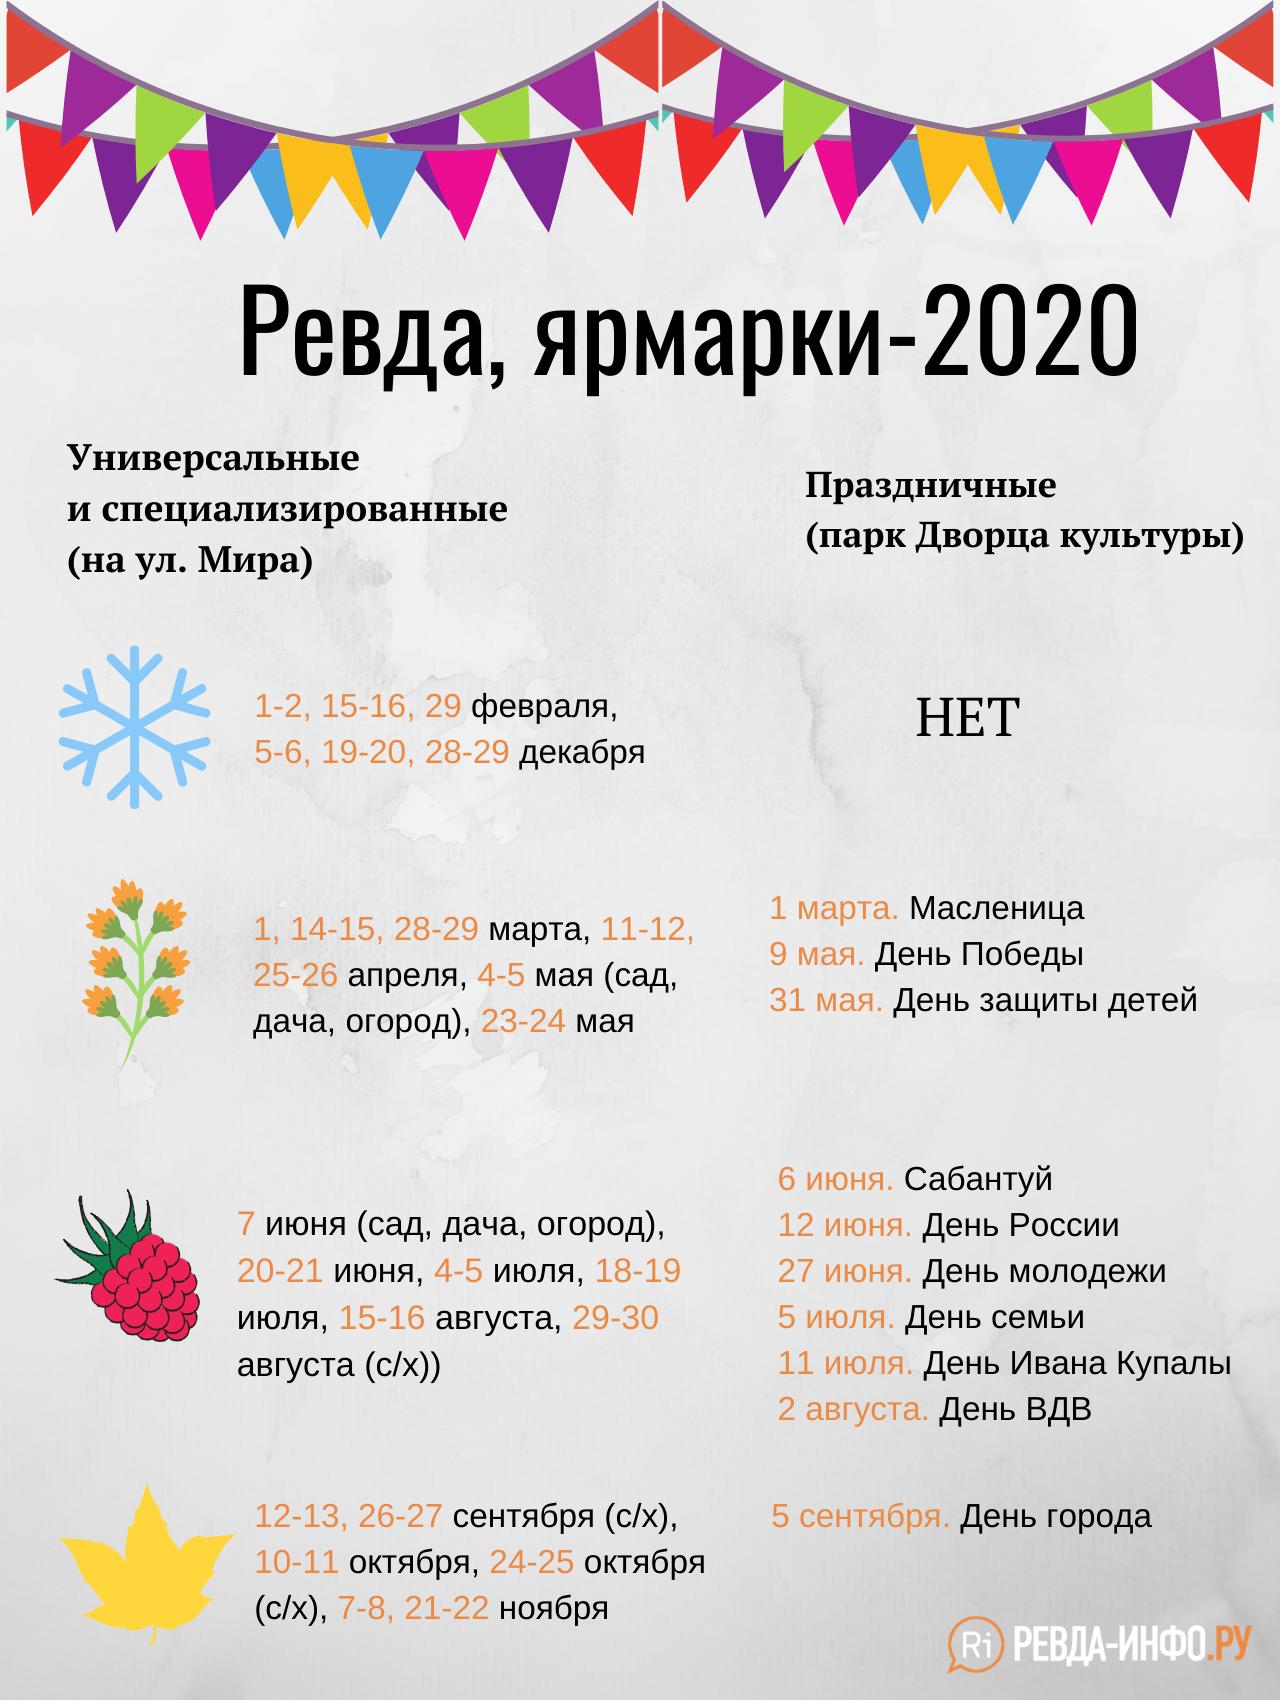 Revda-yarmarki-1